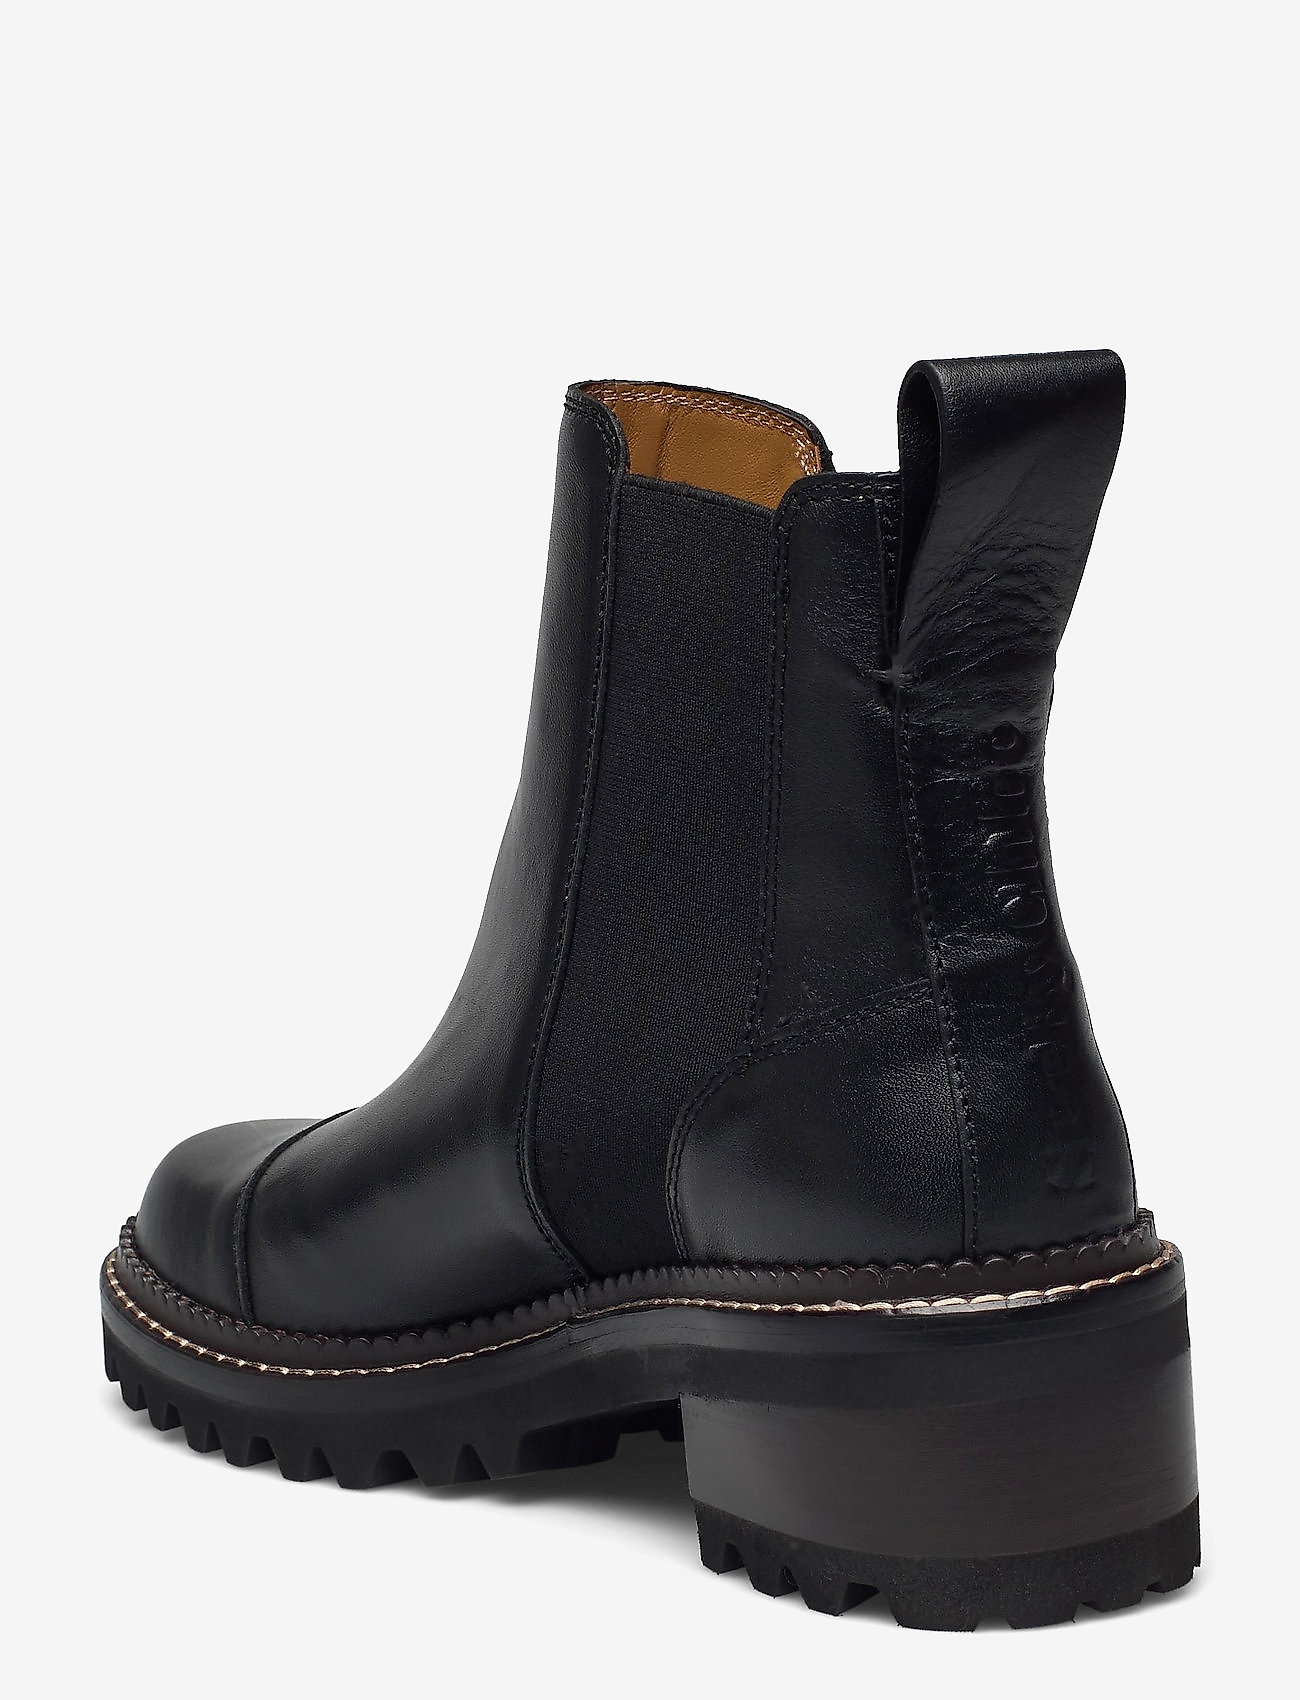 See by Chloé - CHELSEA - schoenen - black - 1